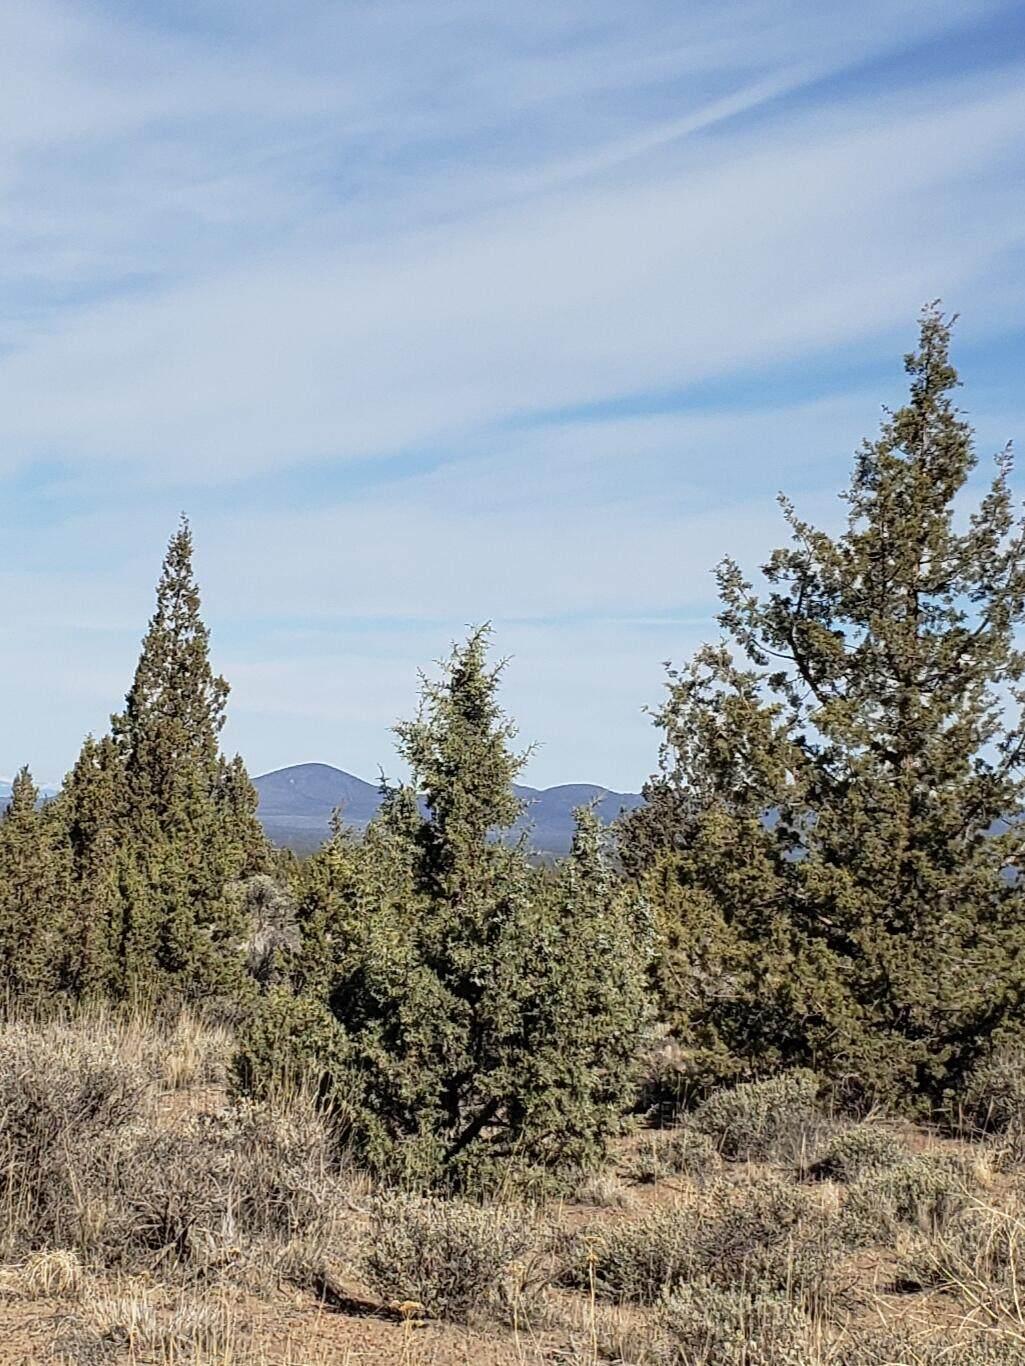 TBD-TL 3200 Sequoia Lane - Photo 1